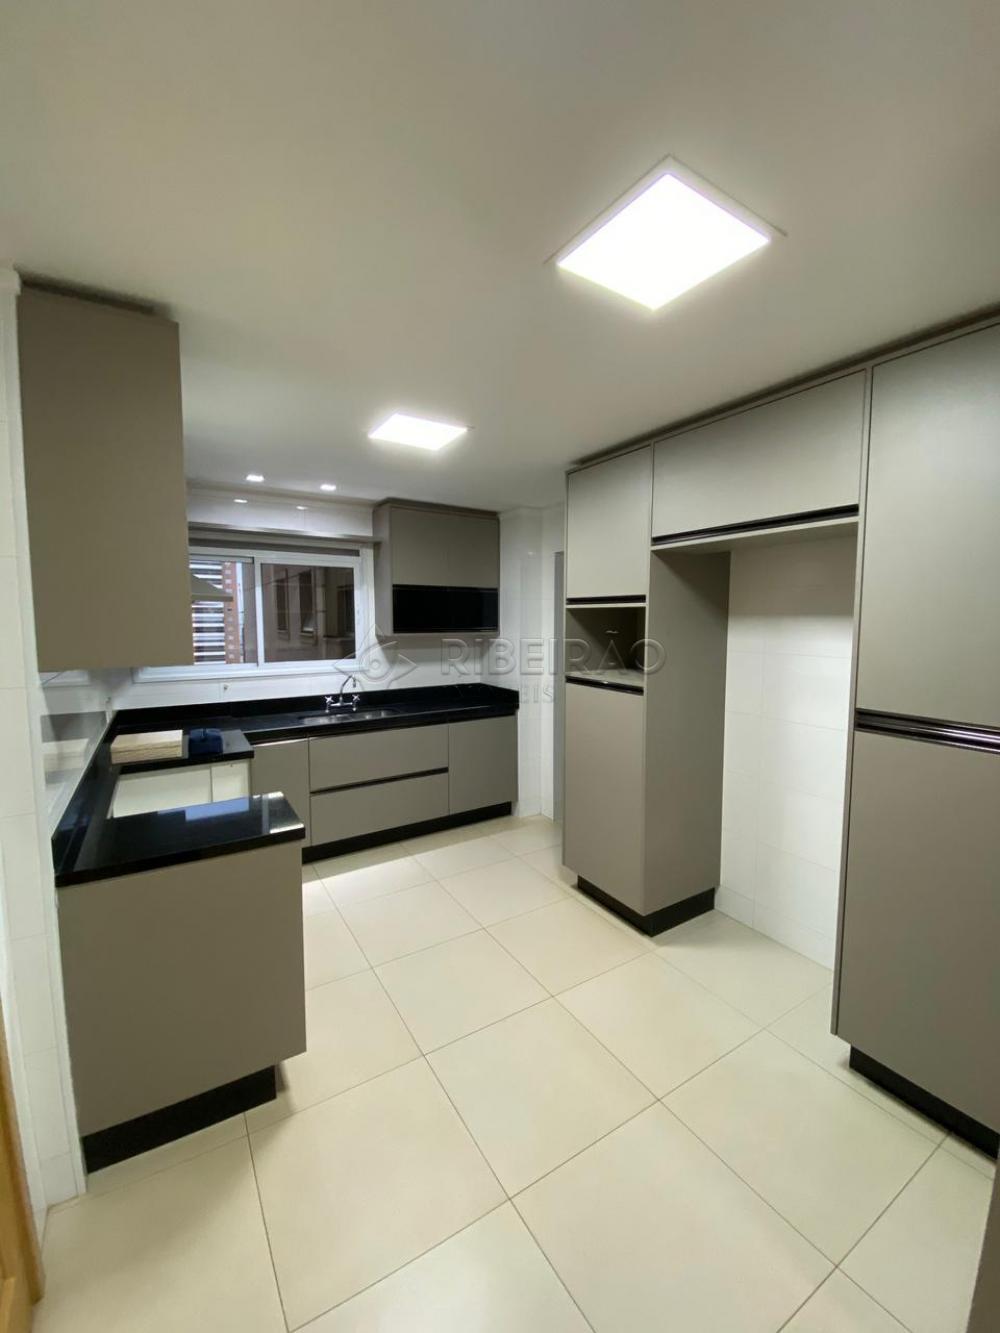 Alugar Apartamento / Padrão em Ribeirão Preto R$ 8.600,00 - Foto 6